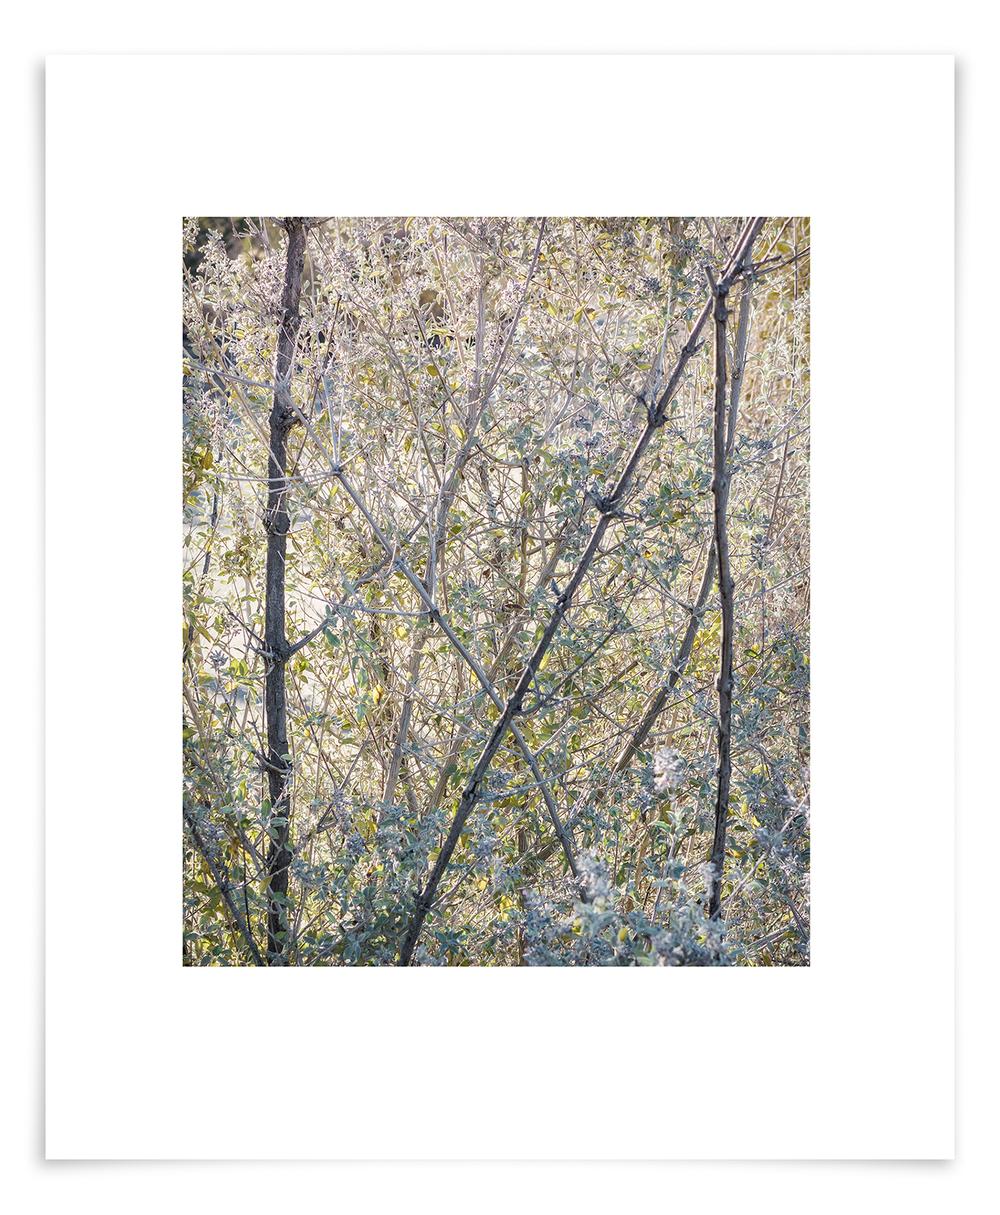 The Camino Desert Lavender (HE02 140704)   26 x 20 in (66 x 51 cm)